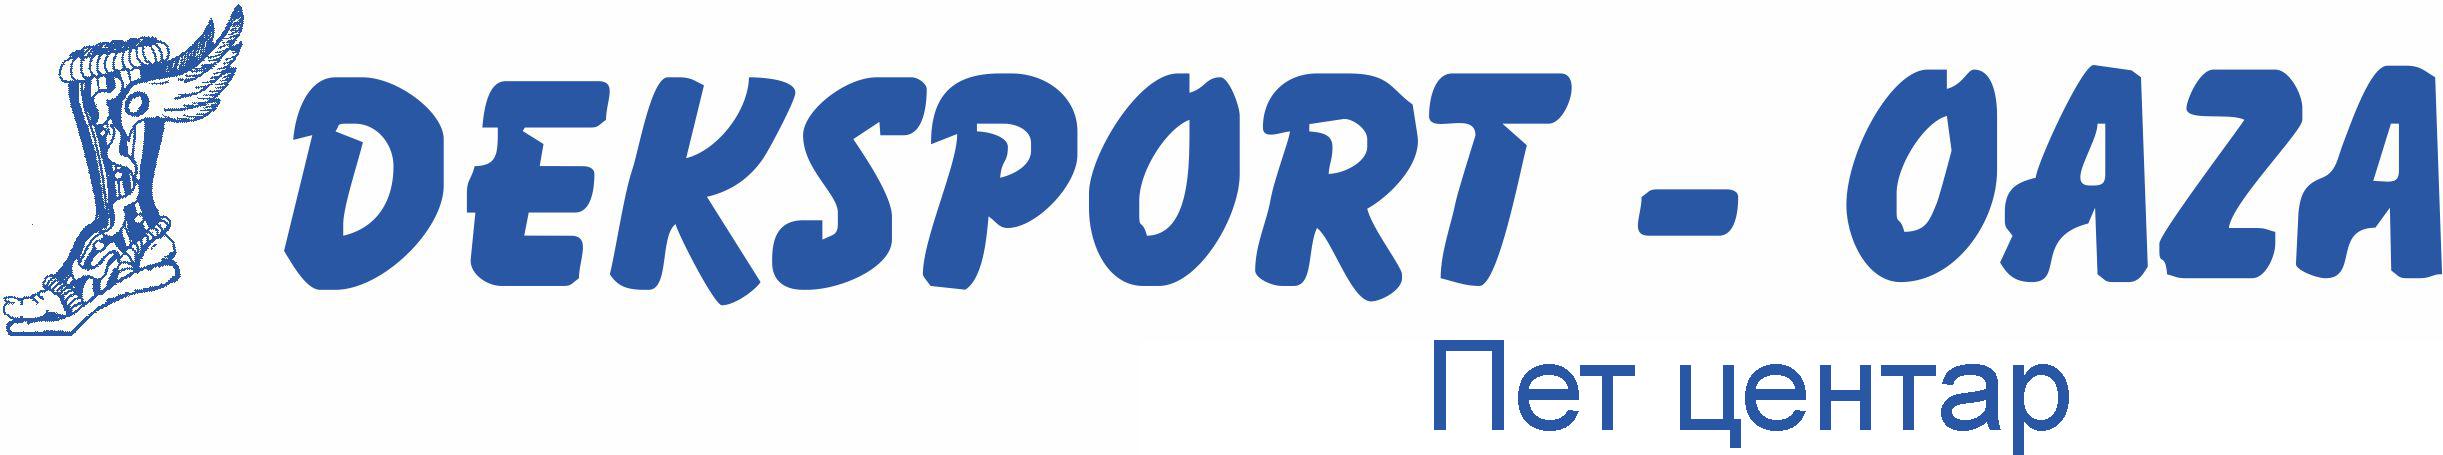 Deksport Oaza